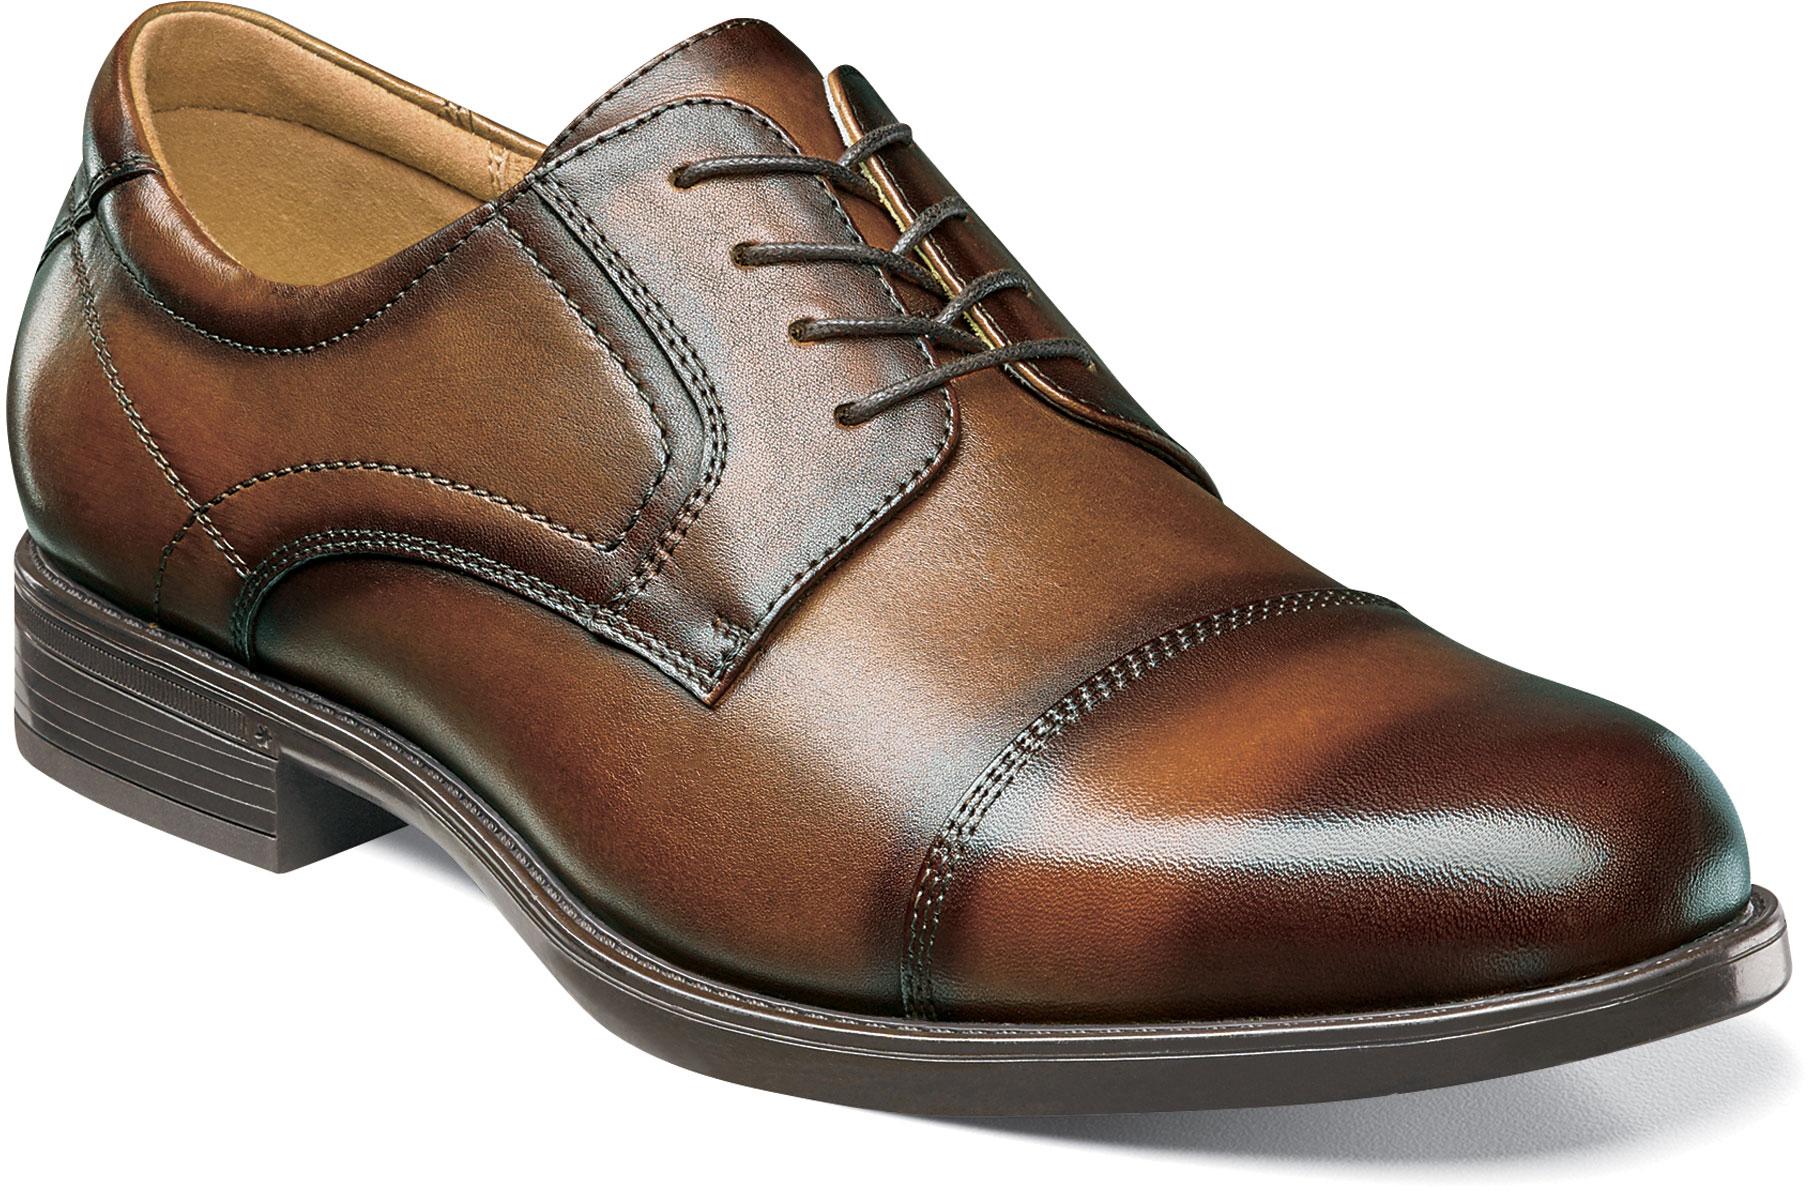 4364df38f4a5 ... Florsheim Men s Midtown Cap Toe Oxford 12138-221 Cognac ·  https   www.theshoemart.com product images images FLO